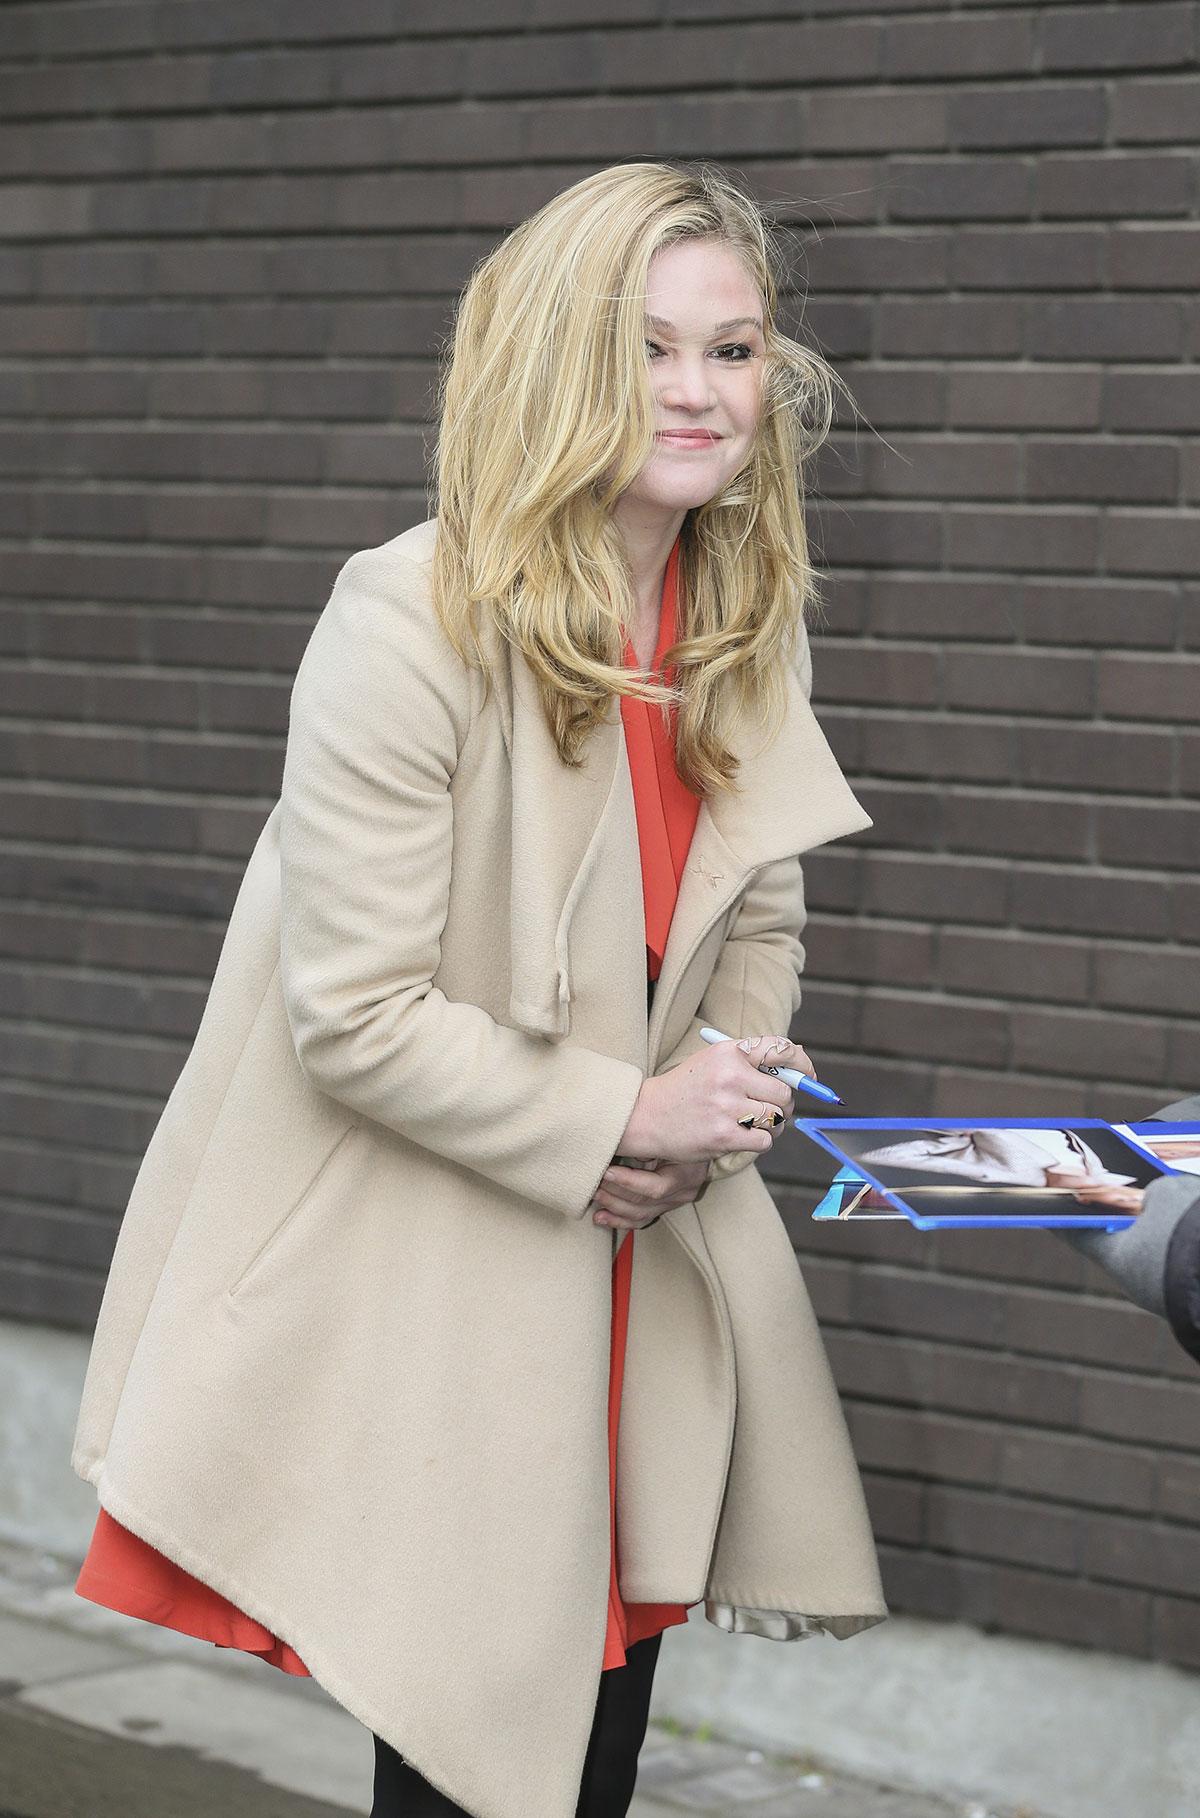 JULIA STILES Leaves ITV Studios in London - HawtCelebs Emmy Rossum